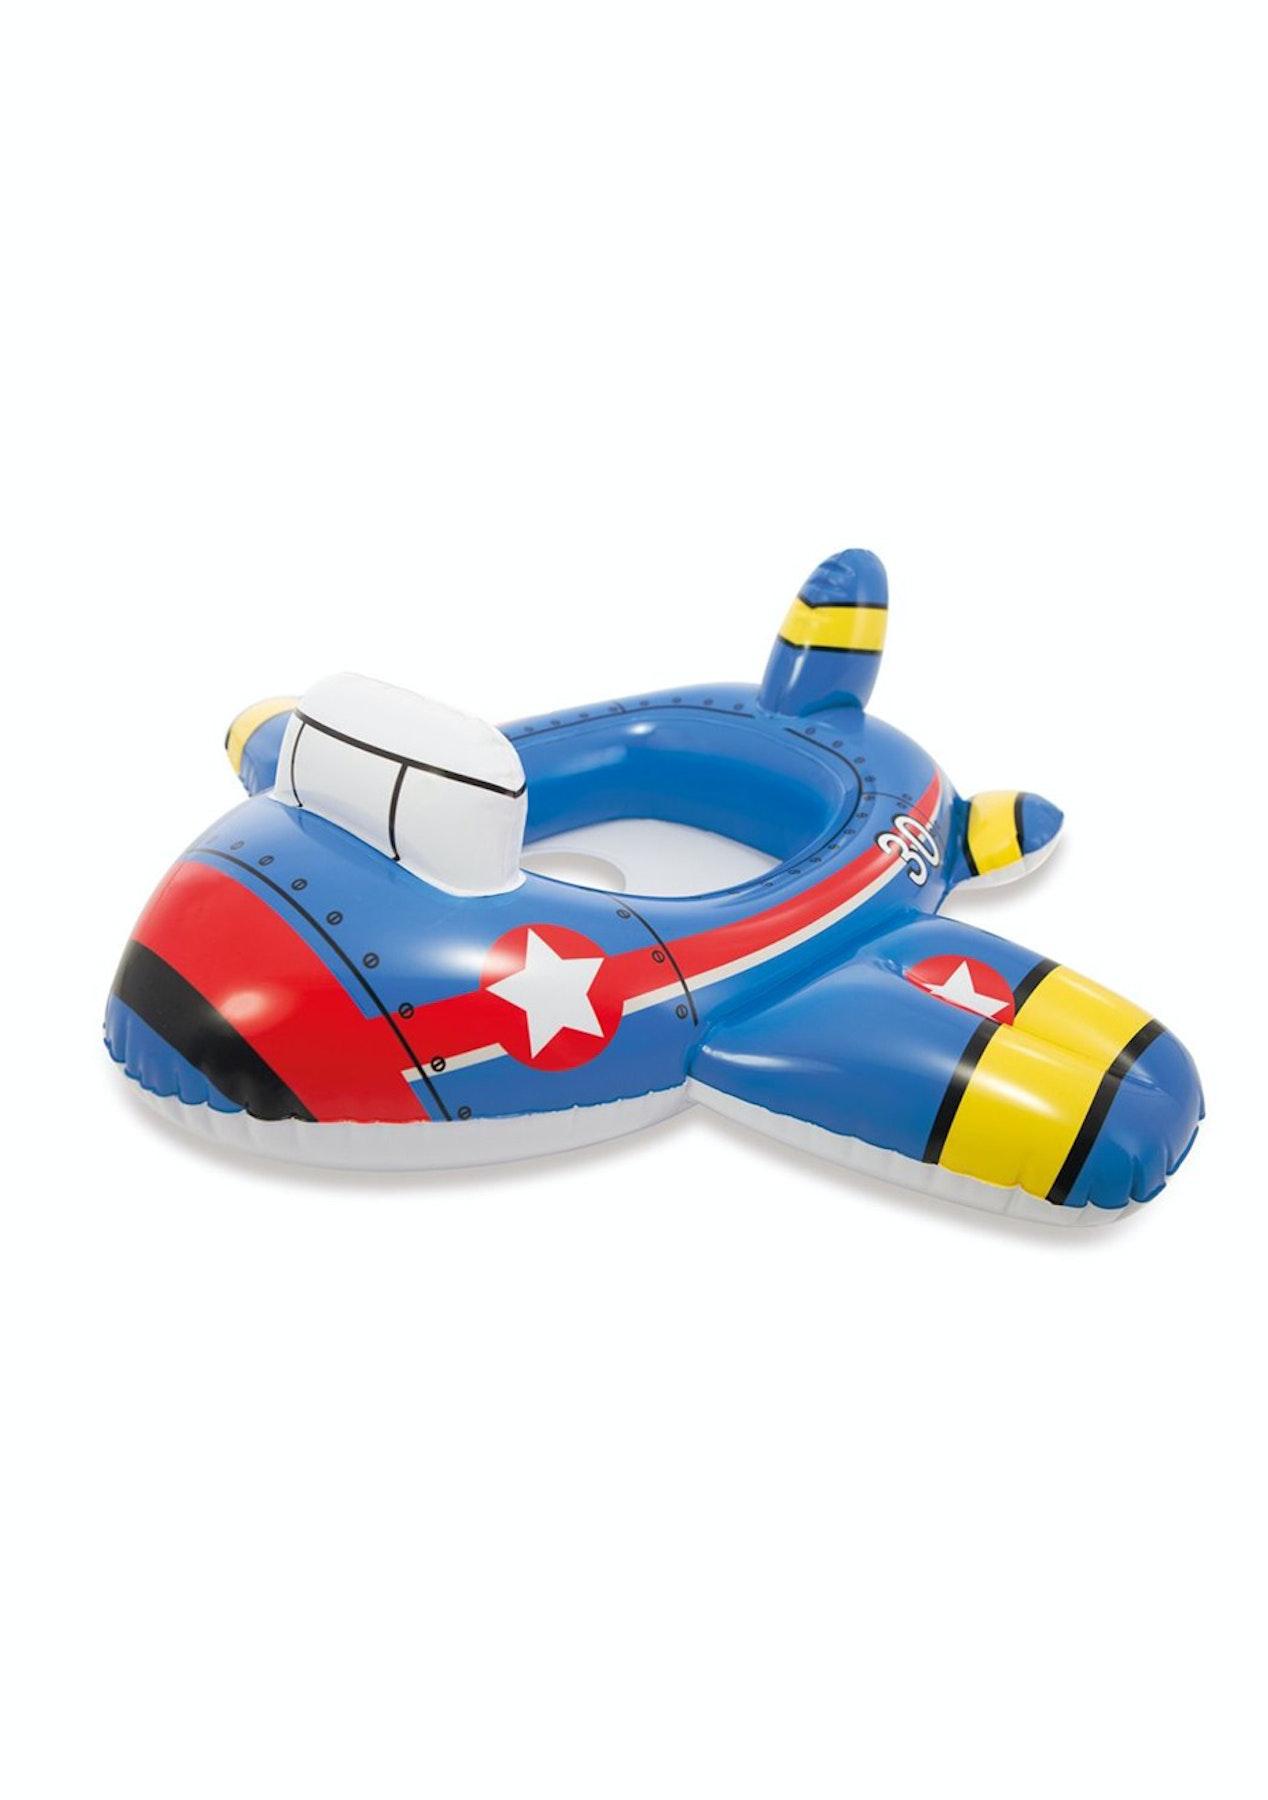 Intex - Kiddie Floats - Plane